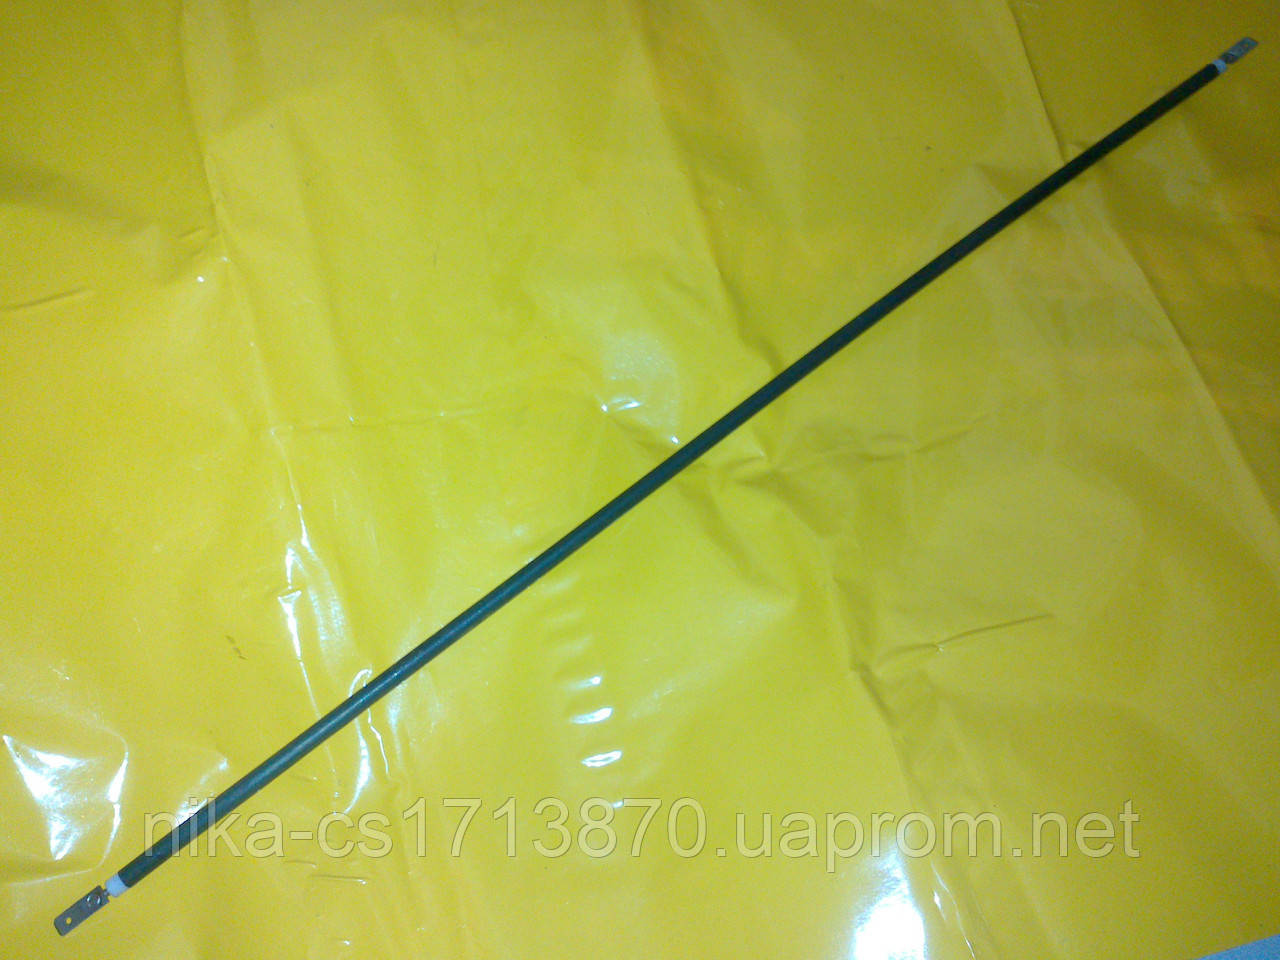 Гибкий воздушный тэн Ф-8 мм./ L-130 см./ 1.5 кВт. производство Турция Sanal